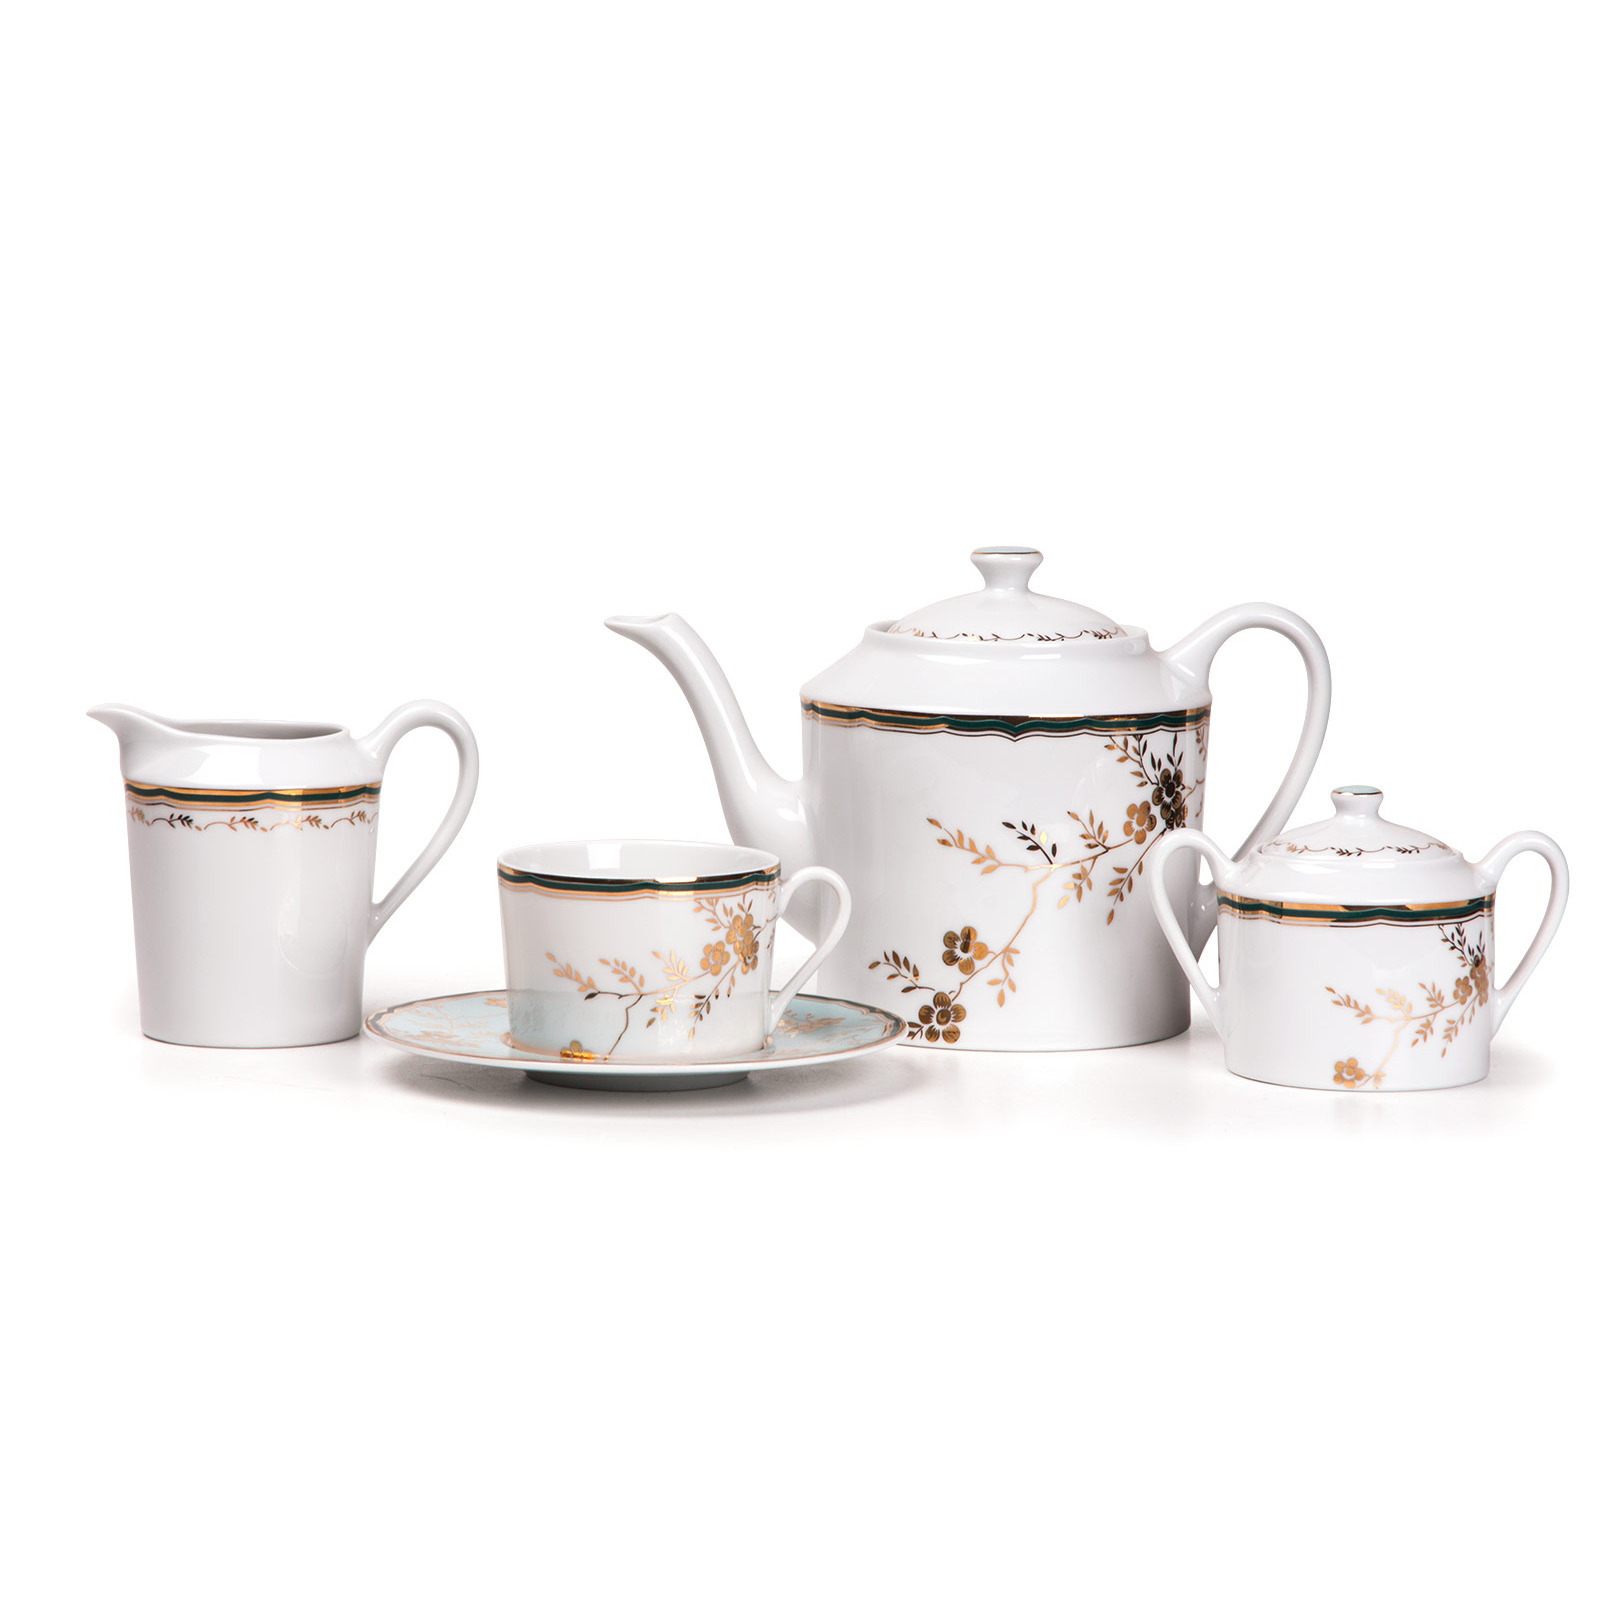 Сервиз чайный Yves de la rosiere Zen 15 предметов фото